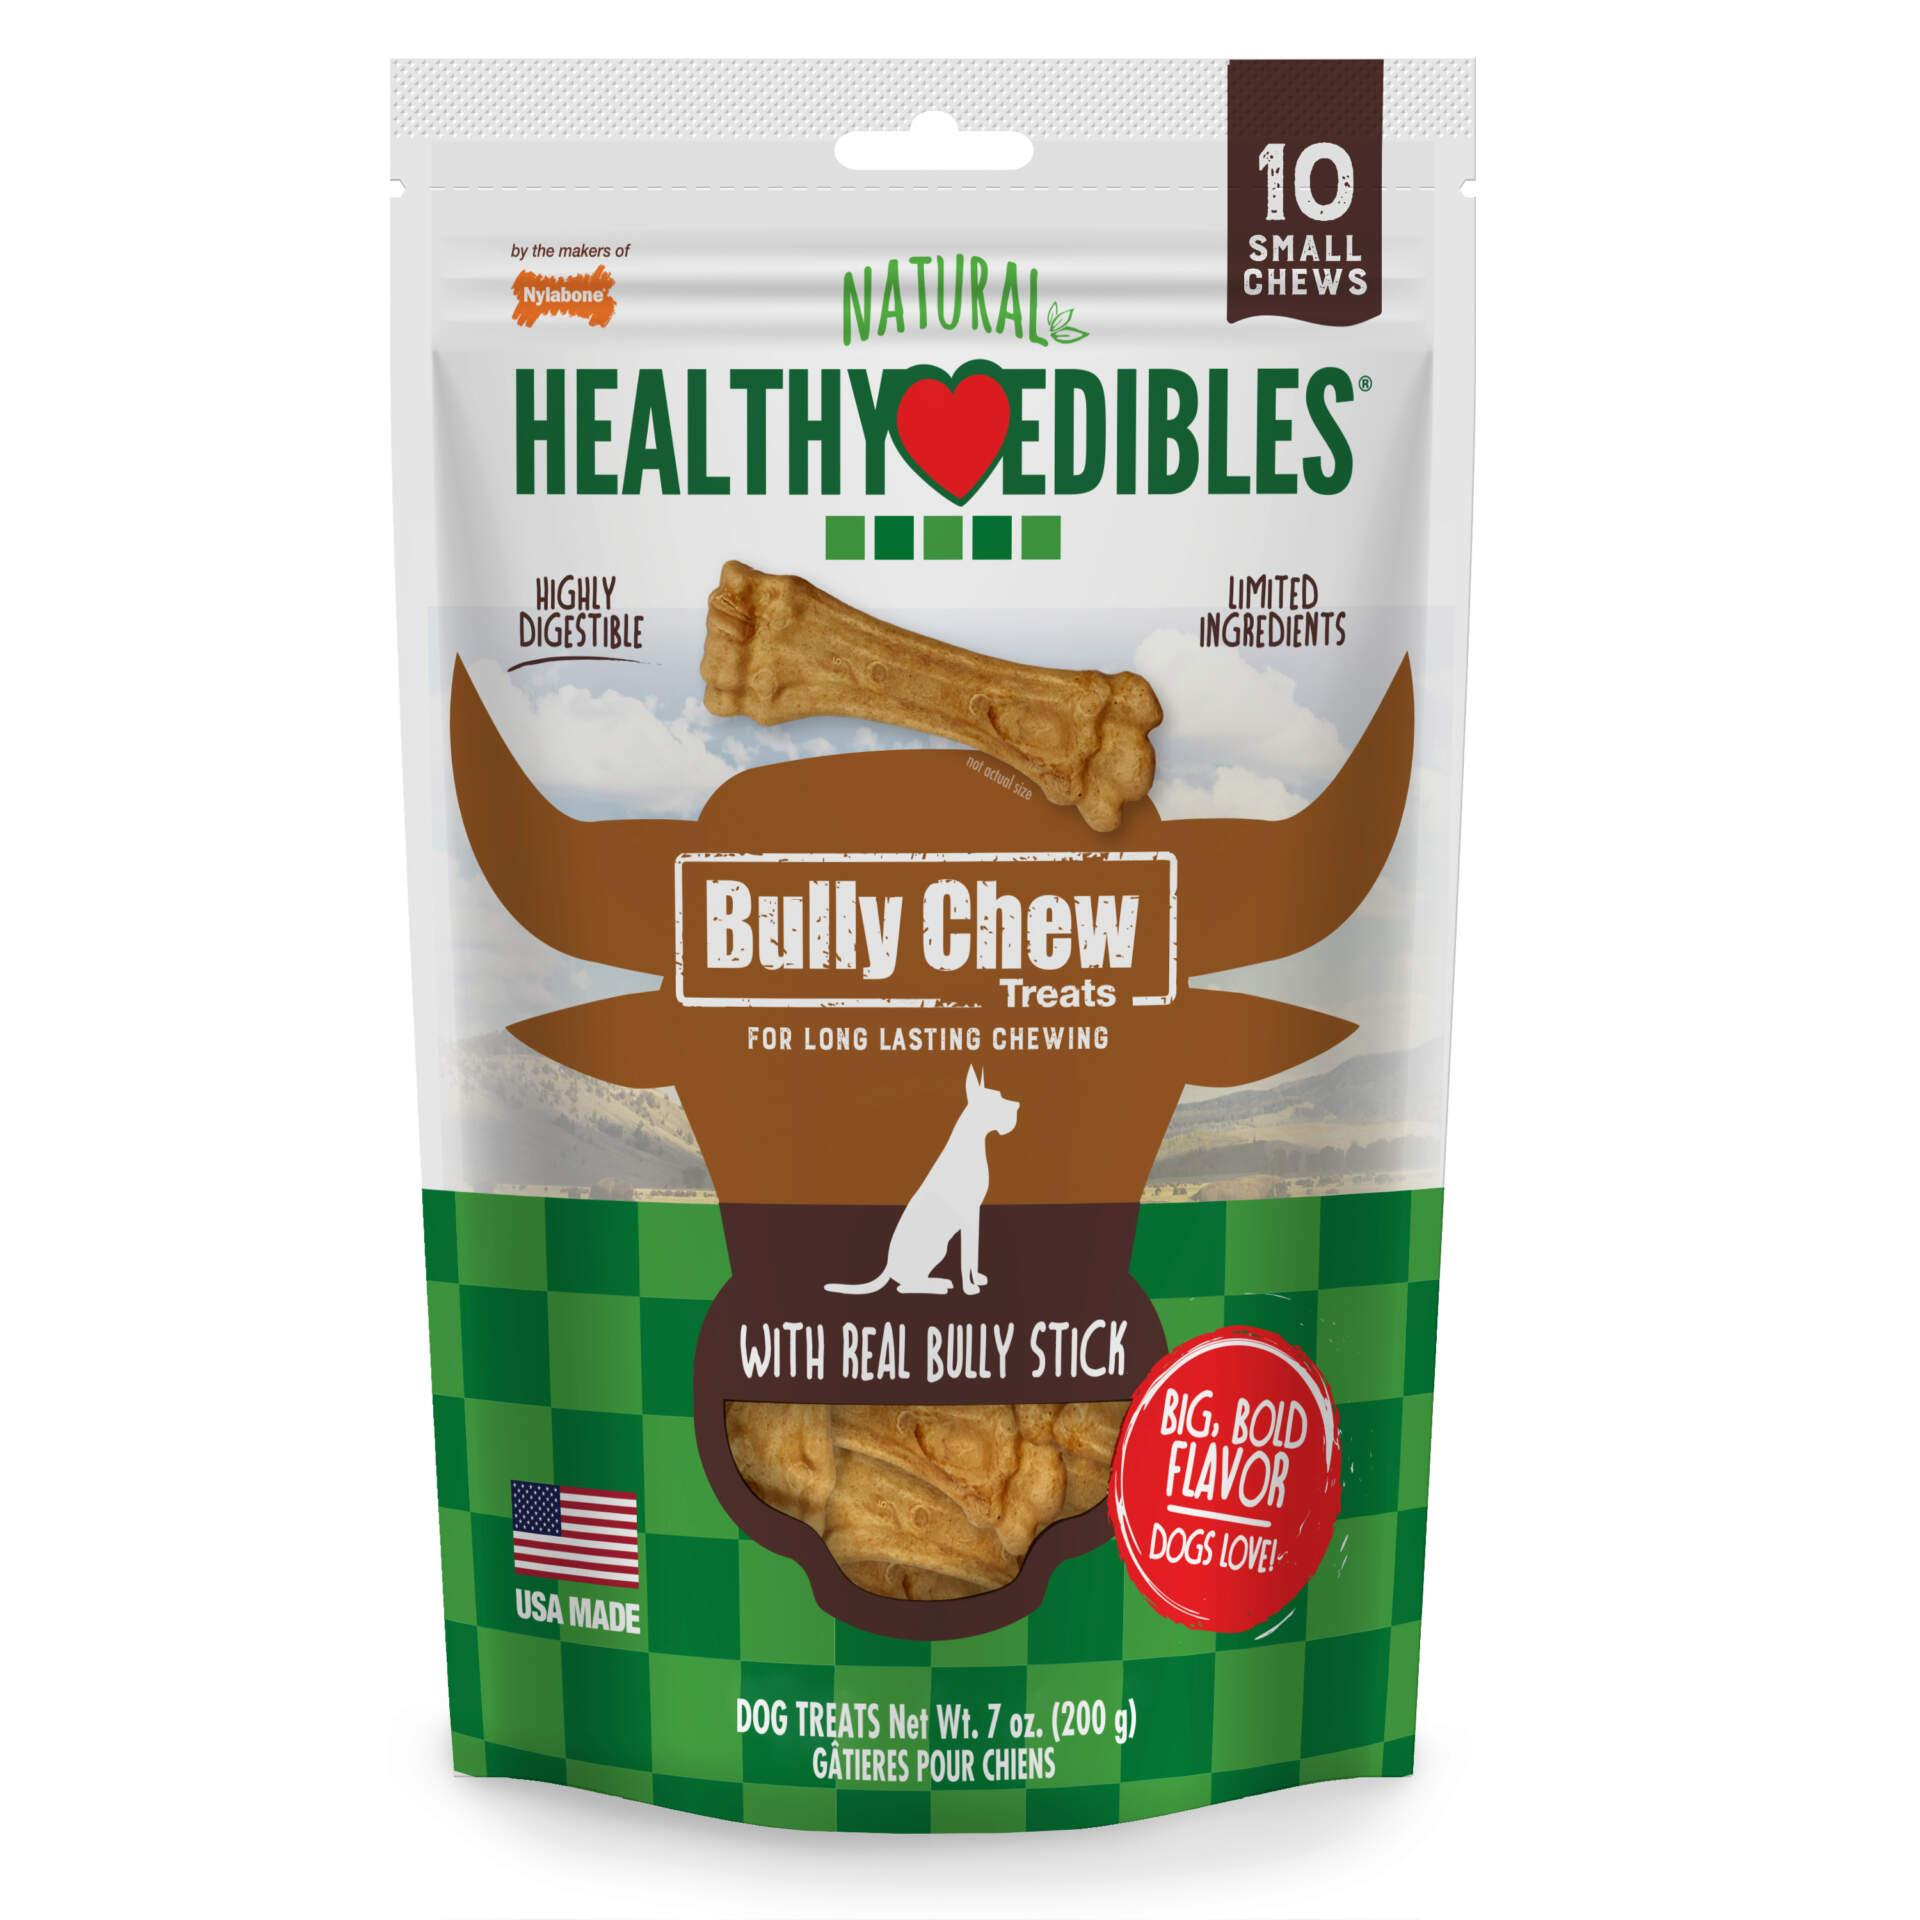 Nylabone Natural Healthy Edibles Bully Chews Dog Treats Image